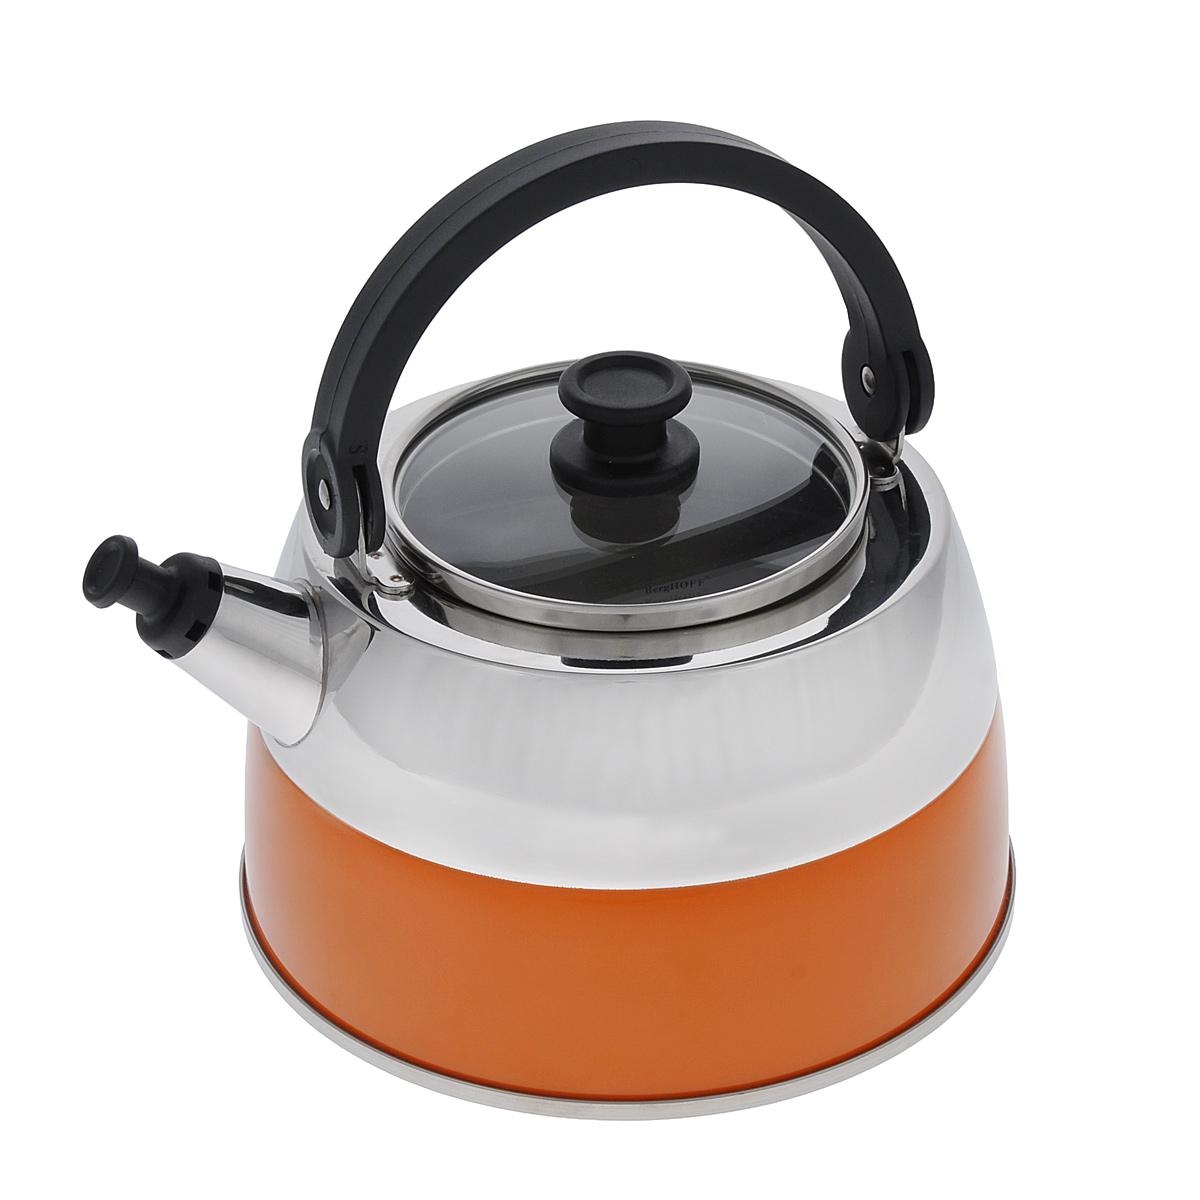 Чайник BergHOFF Virgo Orange, со свистком, 2,5 л2304168Чайник BergHOFF Virgo Orange изготовлен из высококачественной нержавеющей стали 18/10, которая обладает бактериостатическими свойствами. Сталь 18/10 - один из наиболее тонких и сбалансированных сплавов, используемых во всем мире, который гарантирует высокую химическую нейтральность к пище, обладает высокими антикоррозионными свойствами. Изделие оснащено стеклянной крышкой с ободом из нержавеющей стали и ручкой из бакелита. Носик чайника имеет насадку-свисток, что позволит вам контролировать процесс подогрева или кипячения воды. Высокоэффективный чайник продуктивно проводит тепло для быстрого закипания. Подходит для всех типов плит, включая индукционные. Рекомендуется мыть вручную. Диаметр чайника (по верхнему краю): 11 см. Высота чайника (с учетом ручки): 21 см. Высота чайника (без учета ручки): 11 см.